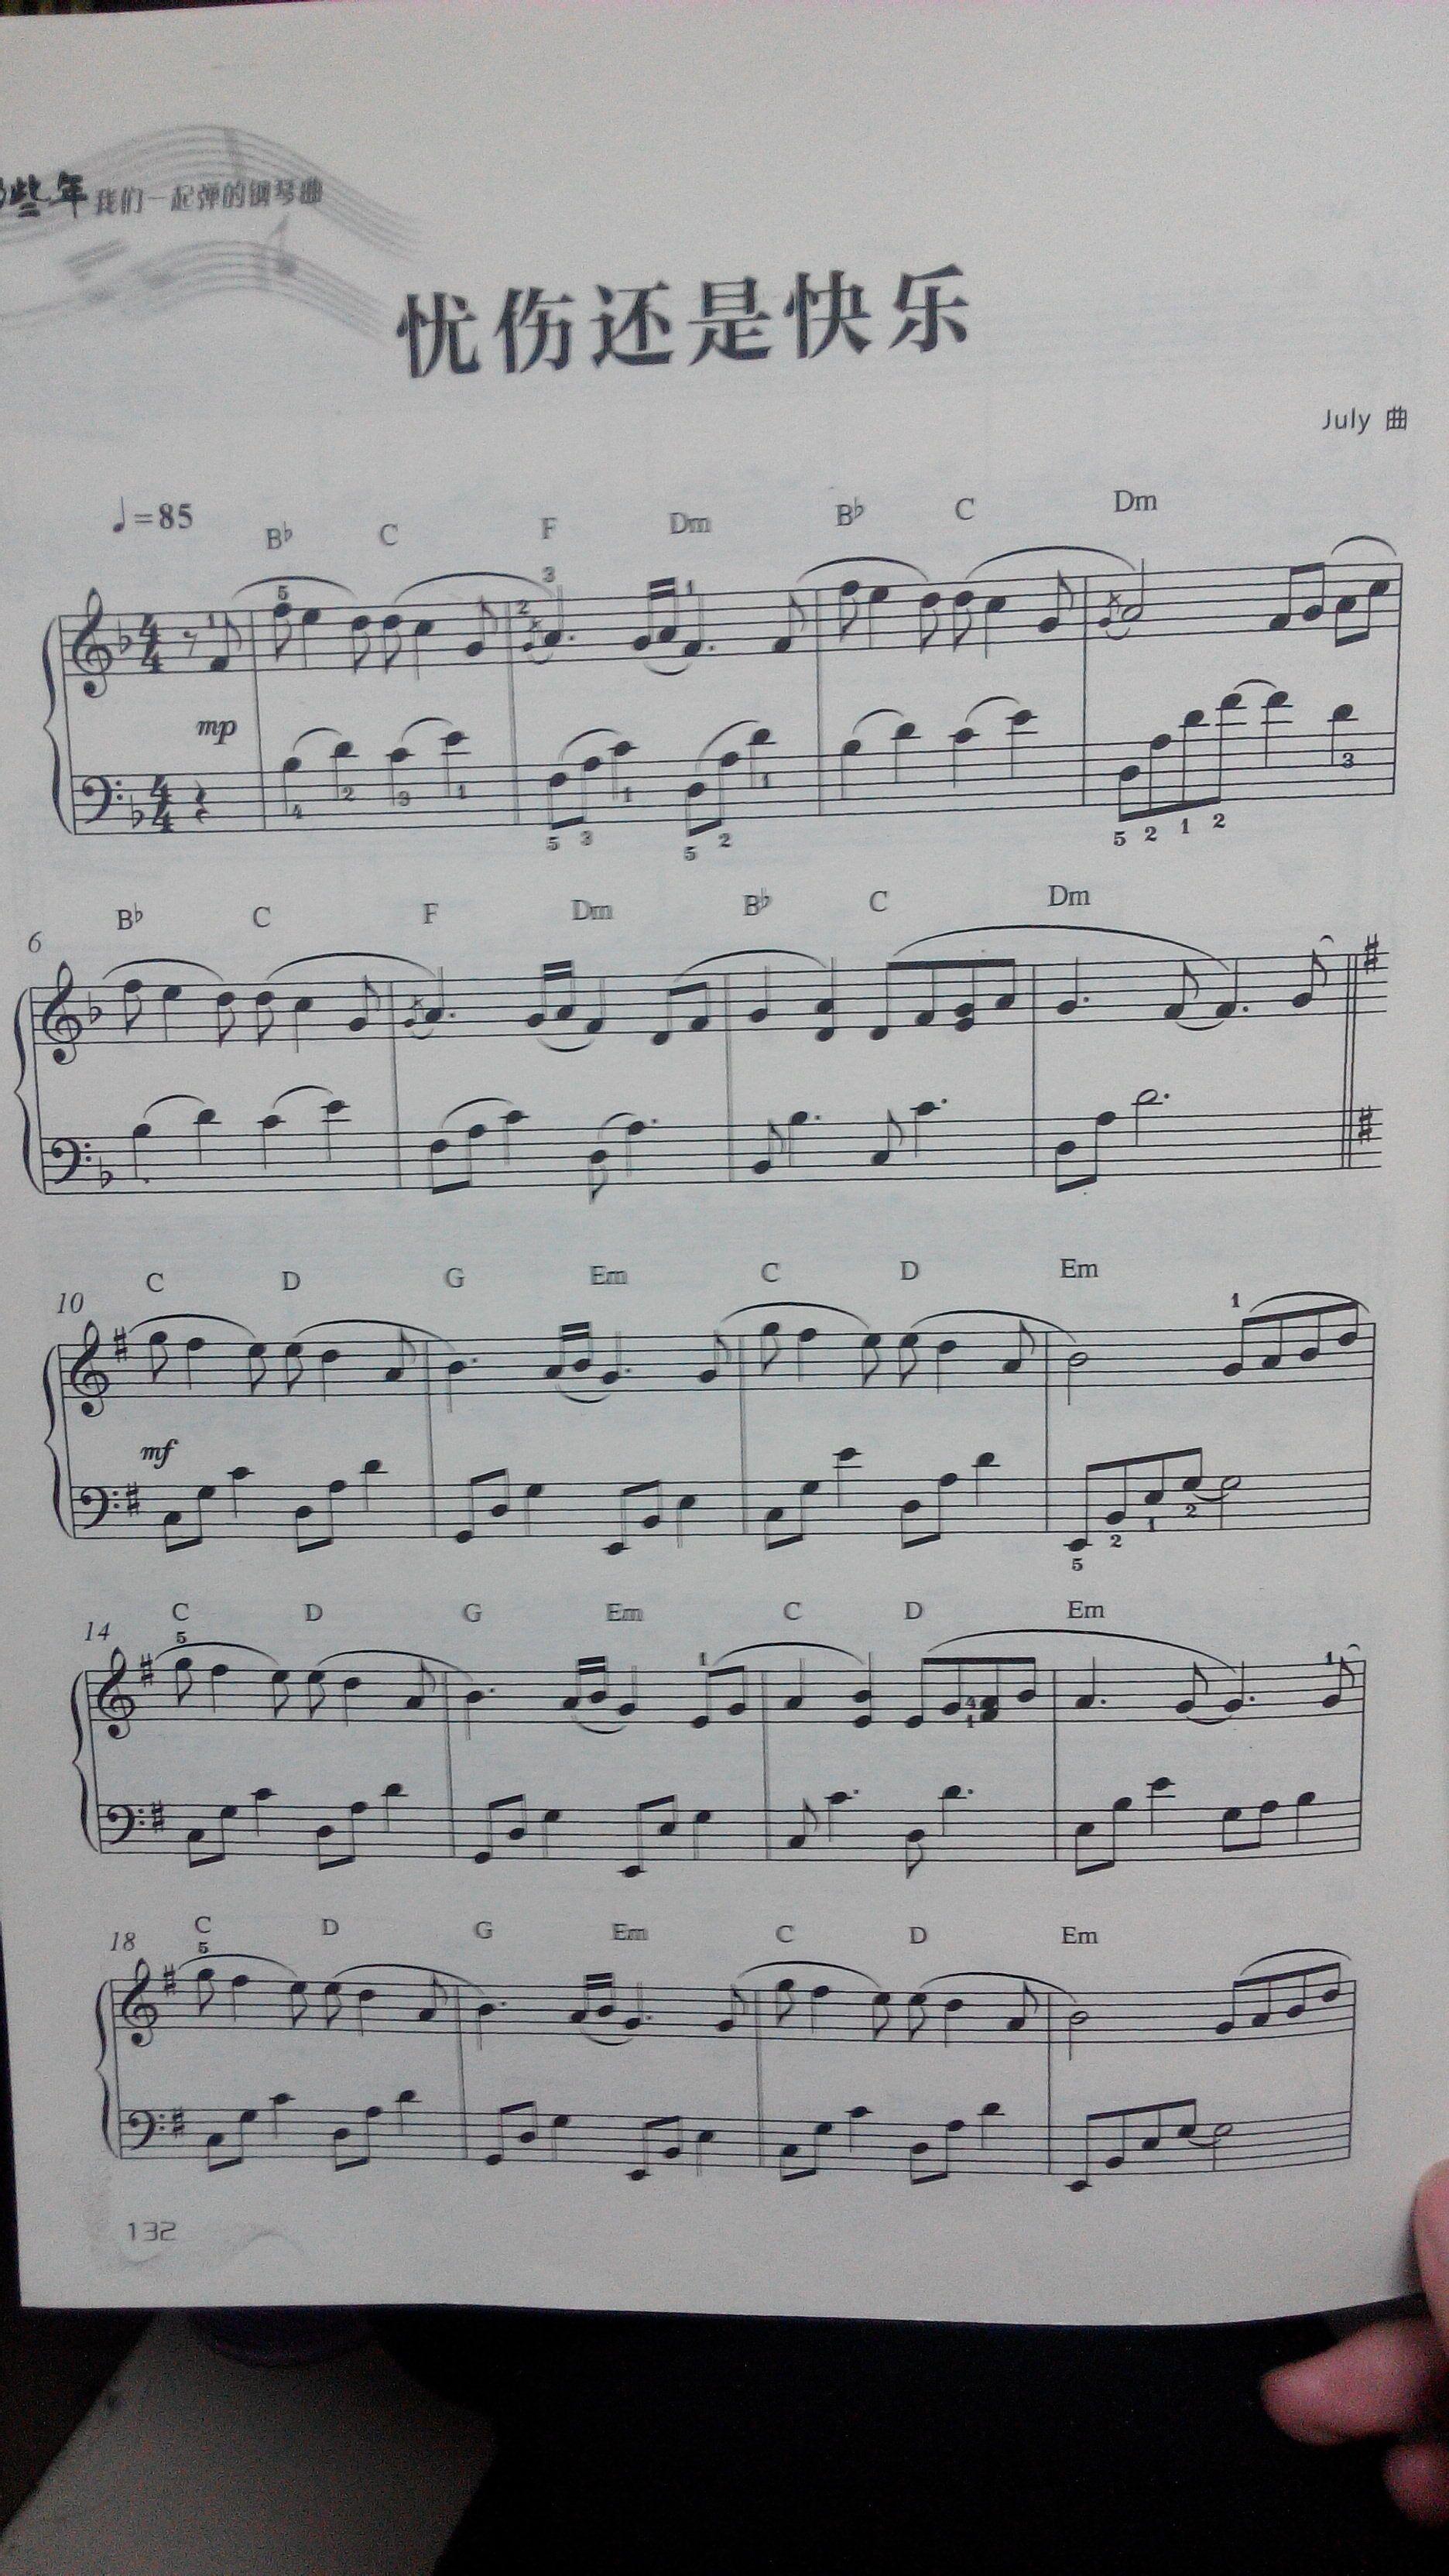 快乐还是忧伤钢琴简谱图片